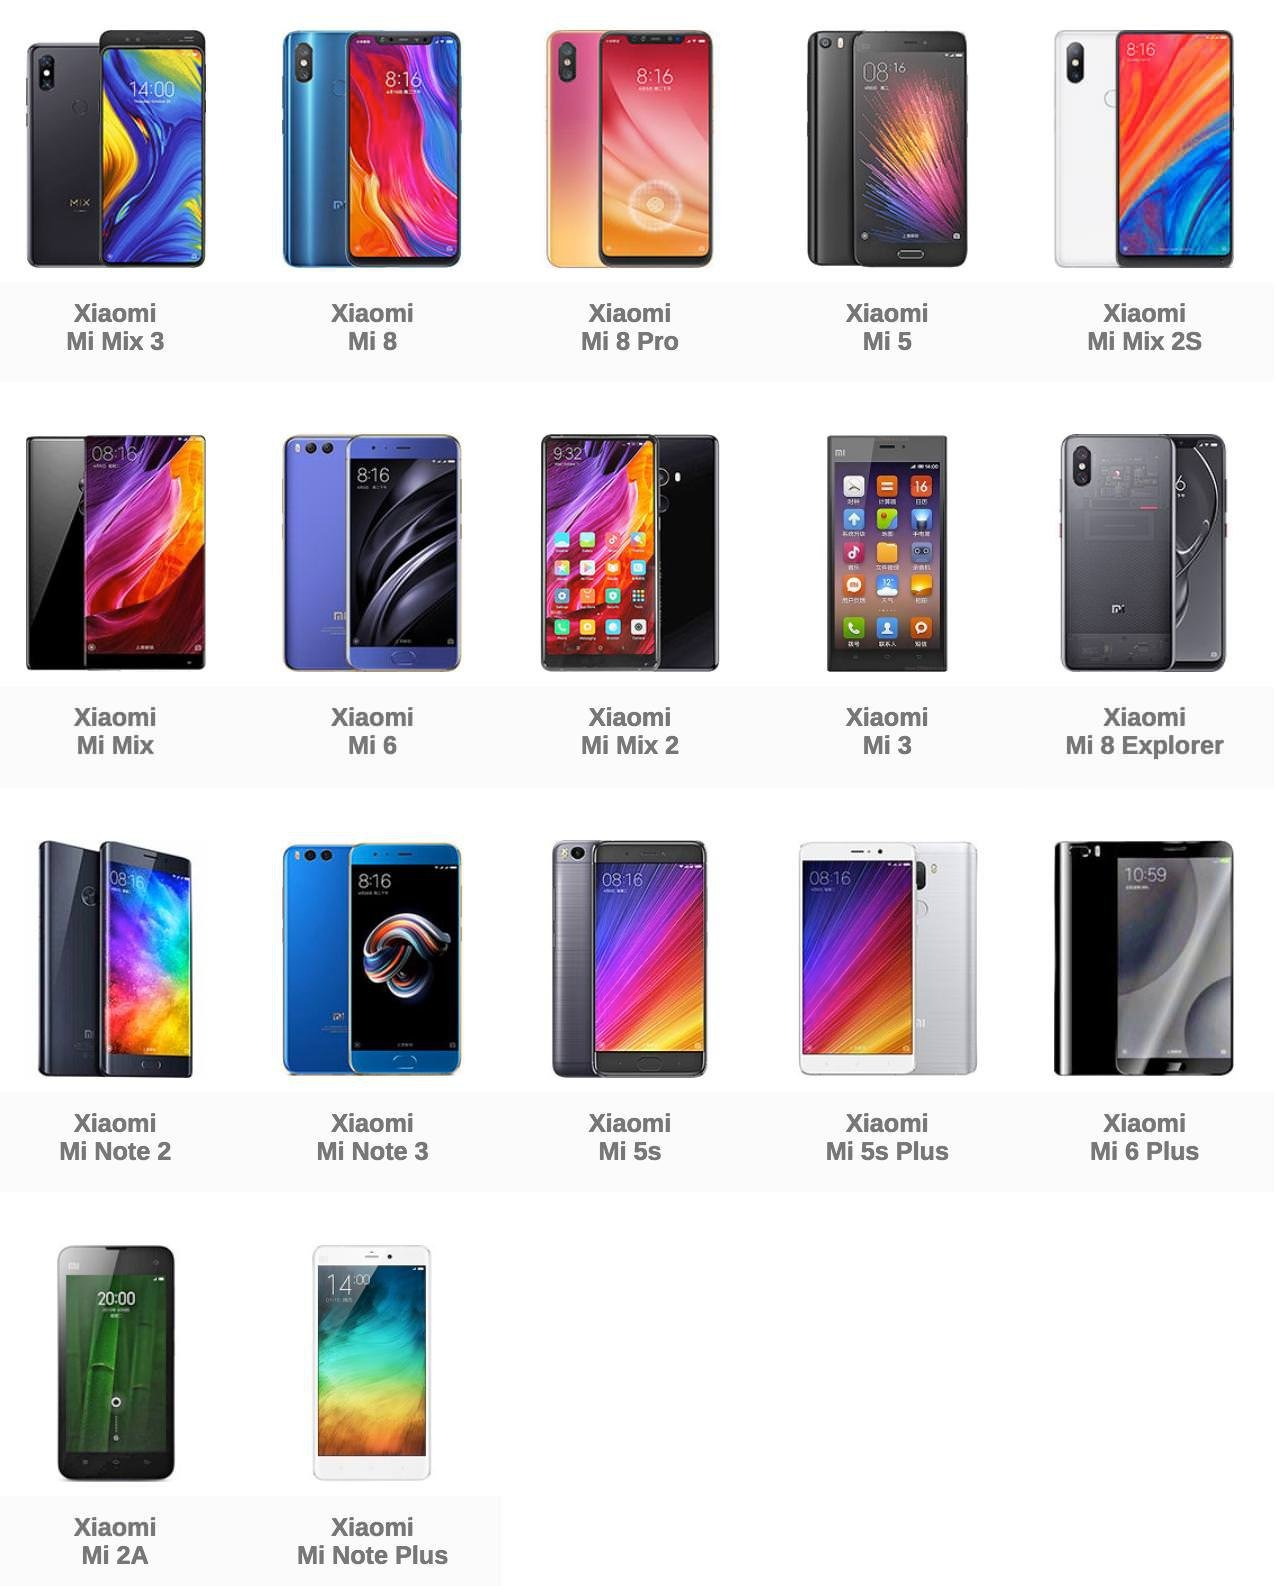 telefony xiaomi s funkciej nfc